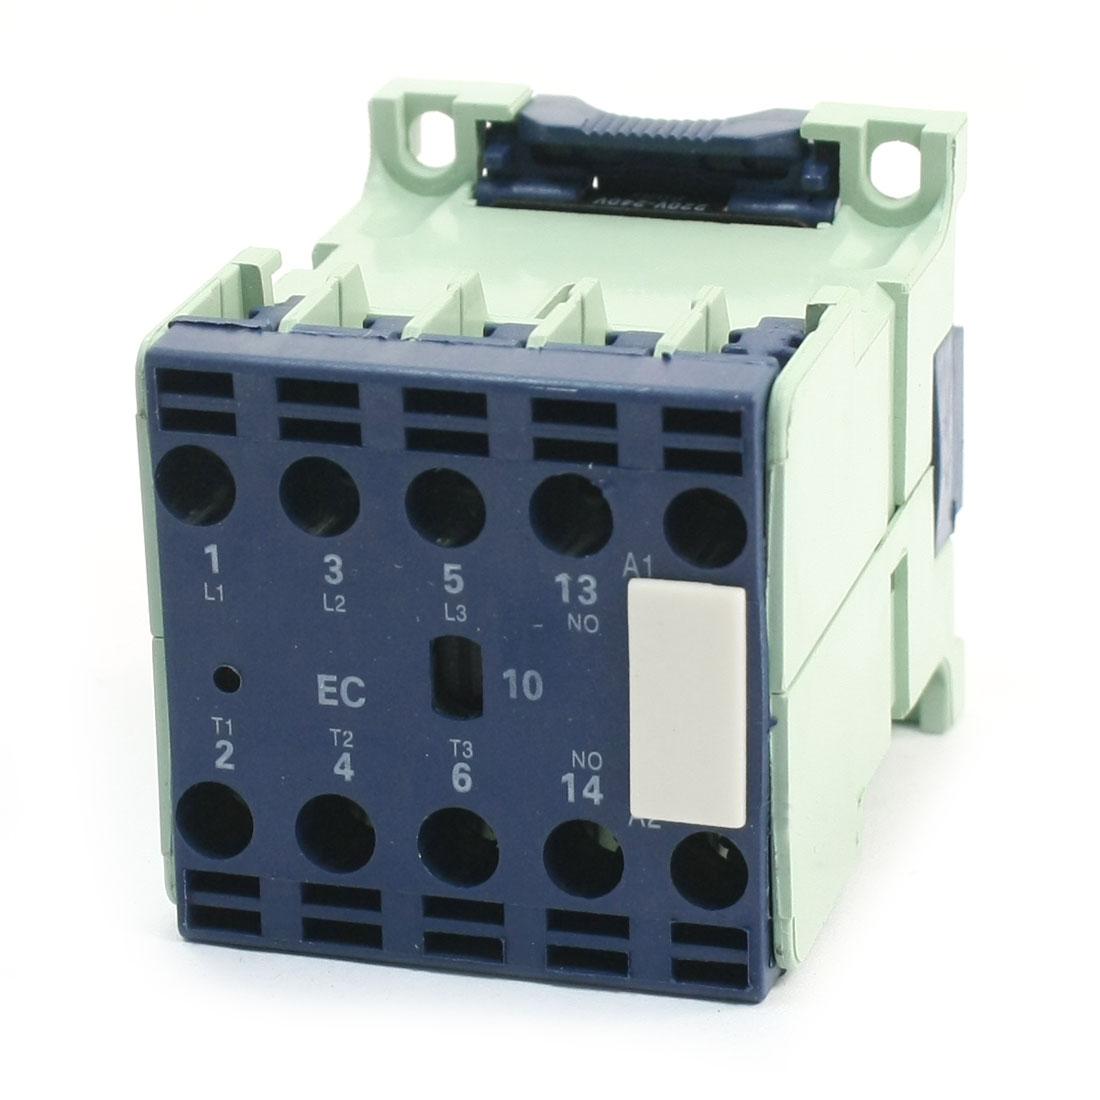 AC Contactor AC220-240V 60Hz Coil 12A 3 Phase 1NO CJX2-1210E